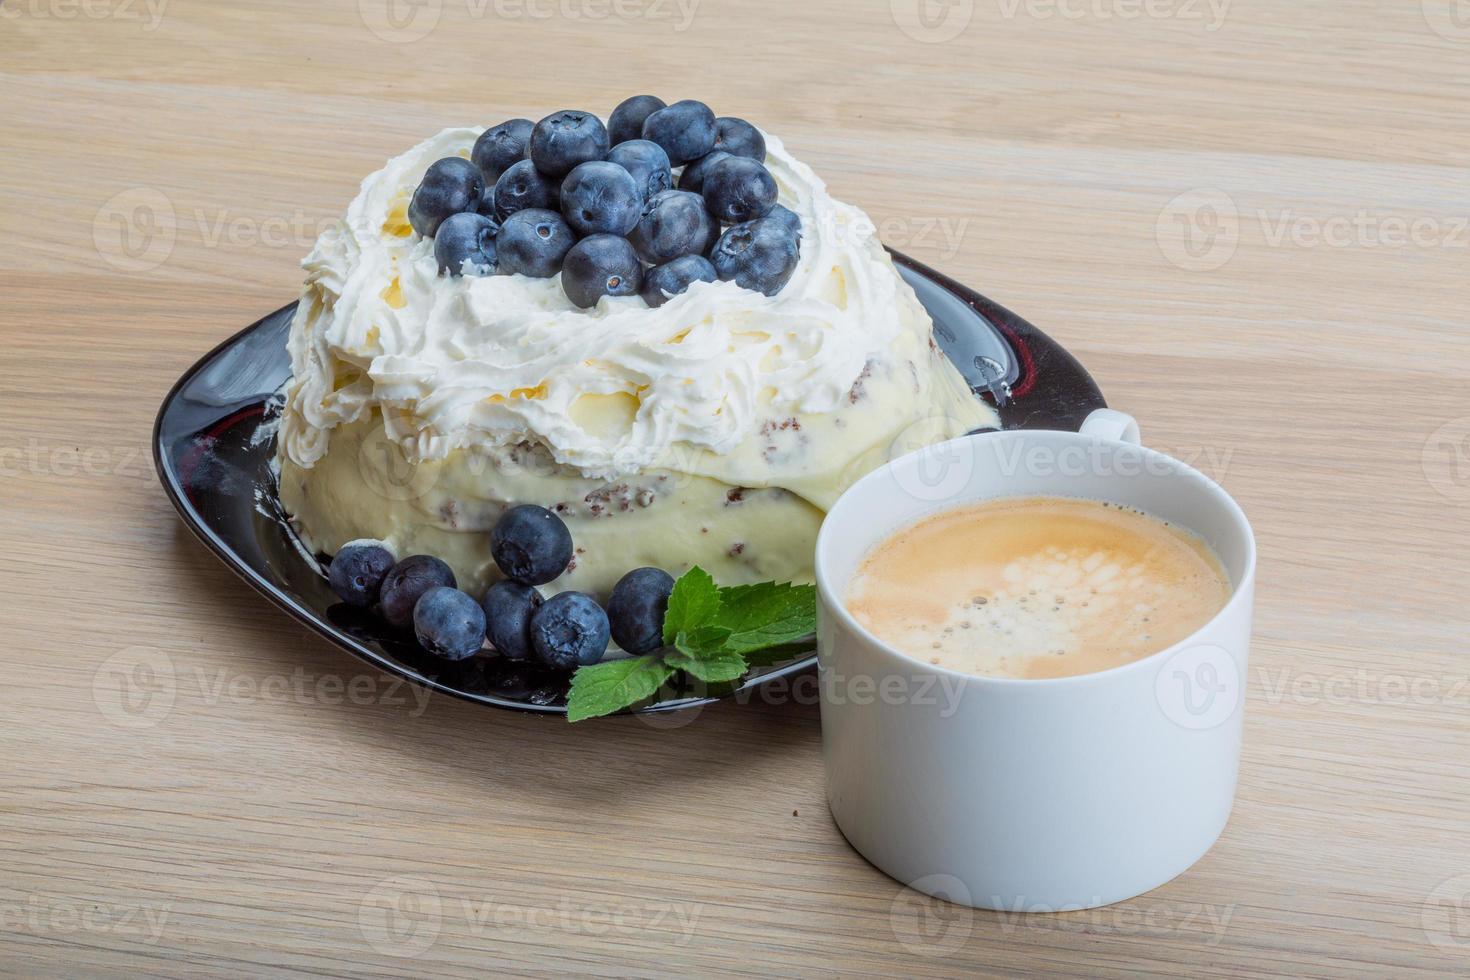 café avec gâteau aux bleuets photo